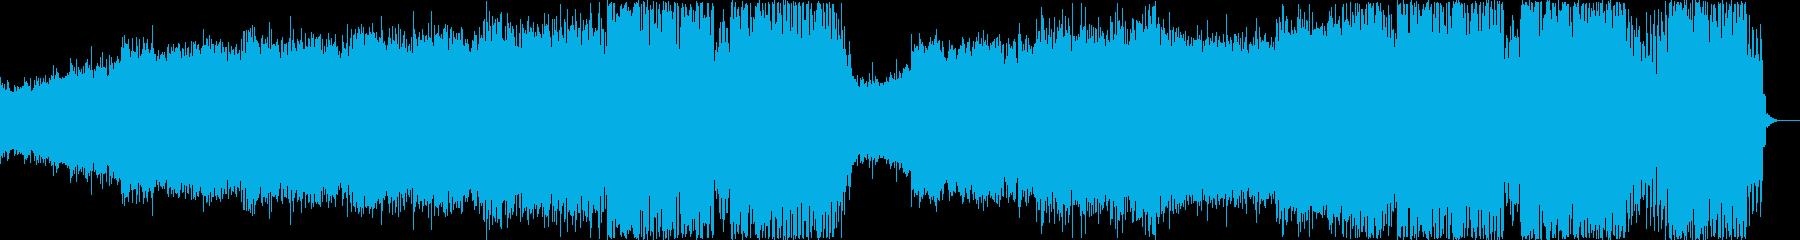 疾走感のある盛り上がれるEDMの再生済みの波形